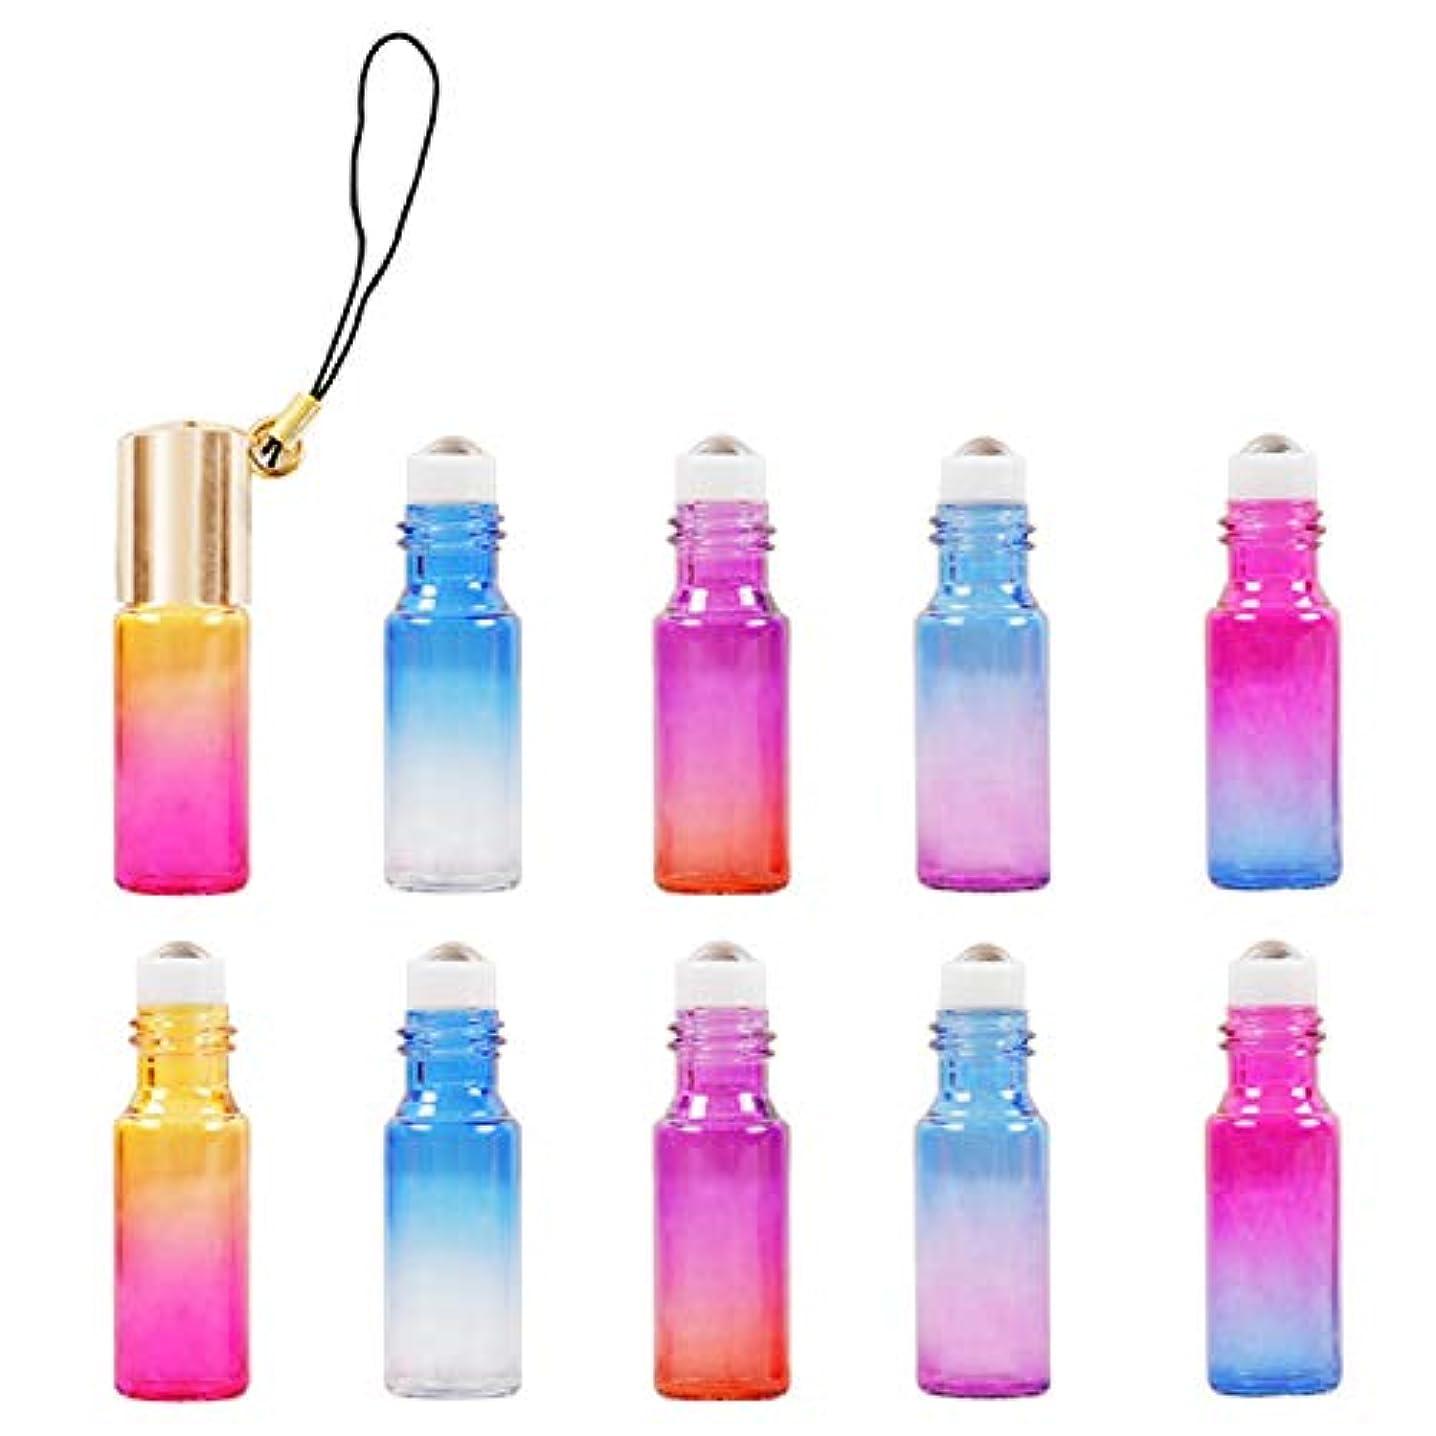 旅無限癌ALoveSoul アロマ容器 ロールオンボトル 5ml ゴールドキャップ×10本セット 遮光瓶 グラジエントカラー アロマ 香水 エッセンシャルオイル コスメ 詰め替え容器